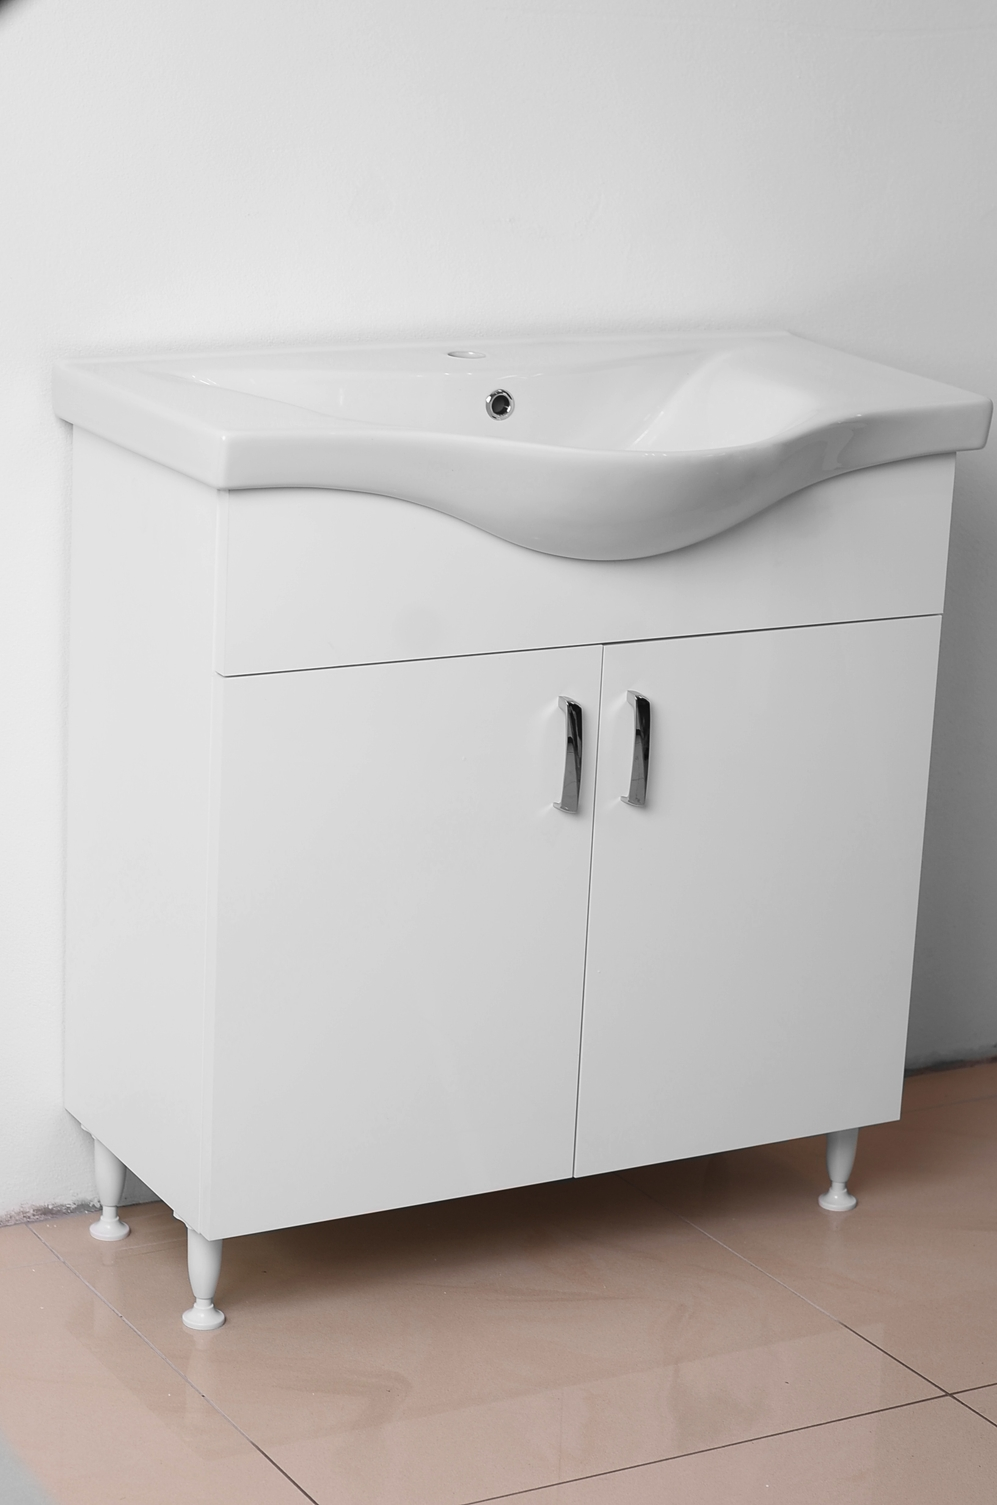 5b5a43948a54e Skrinka s umývadlom 80 cm - Kúpeľňové štúdio FLEX Žilina